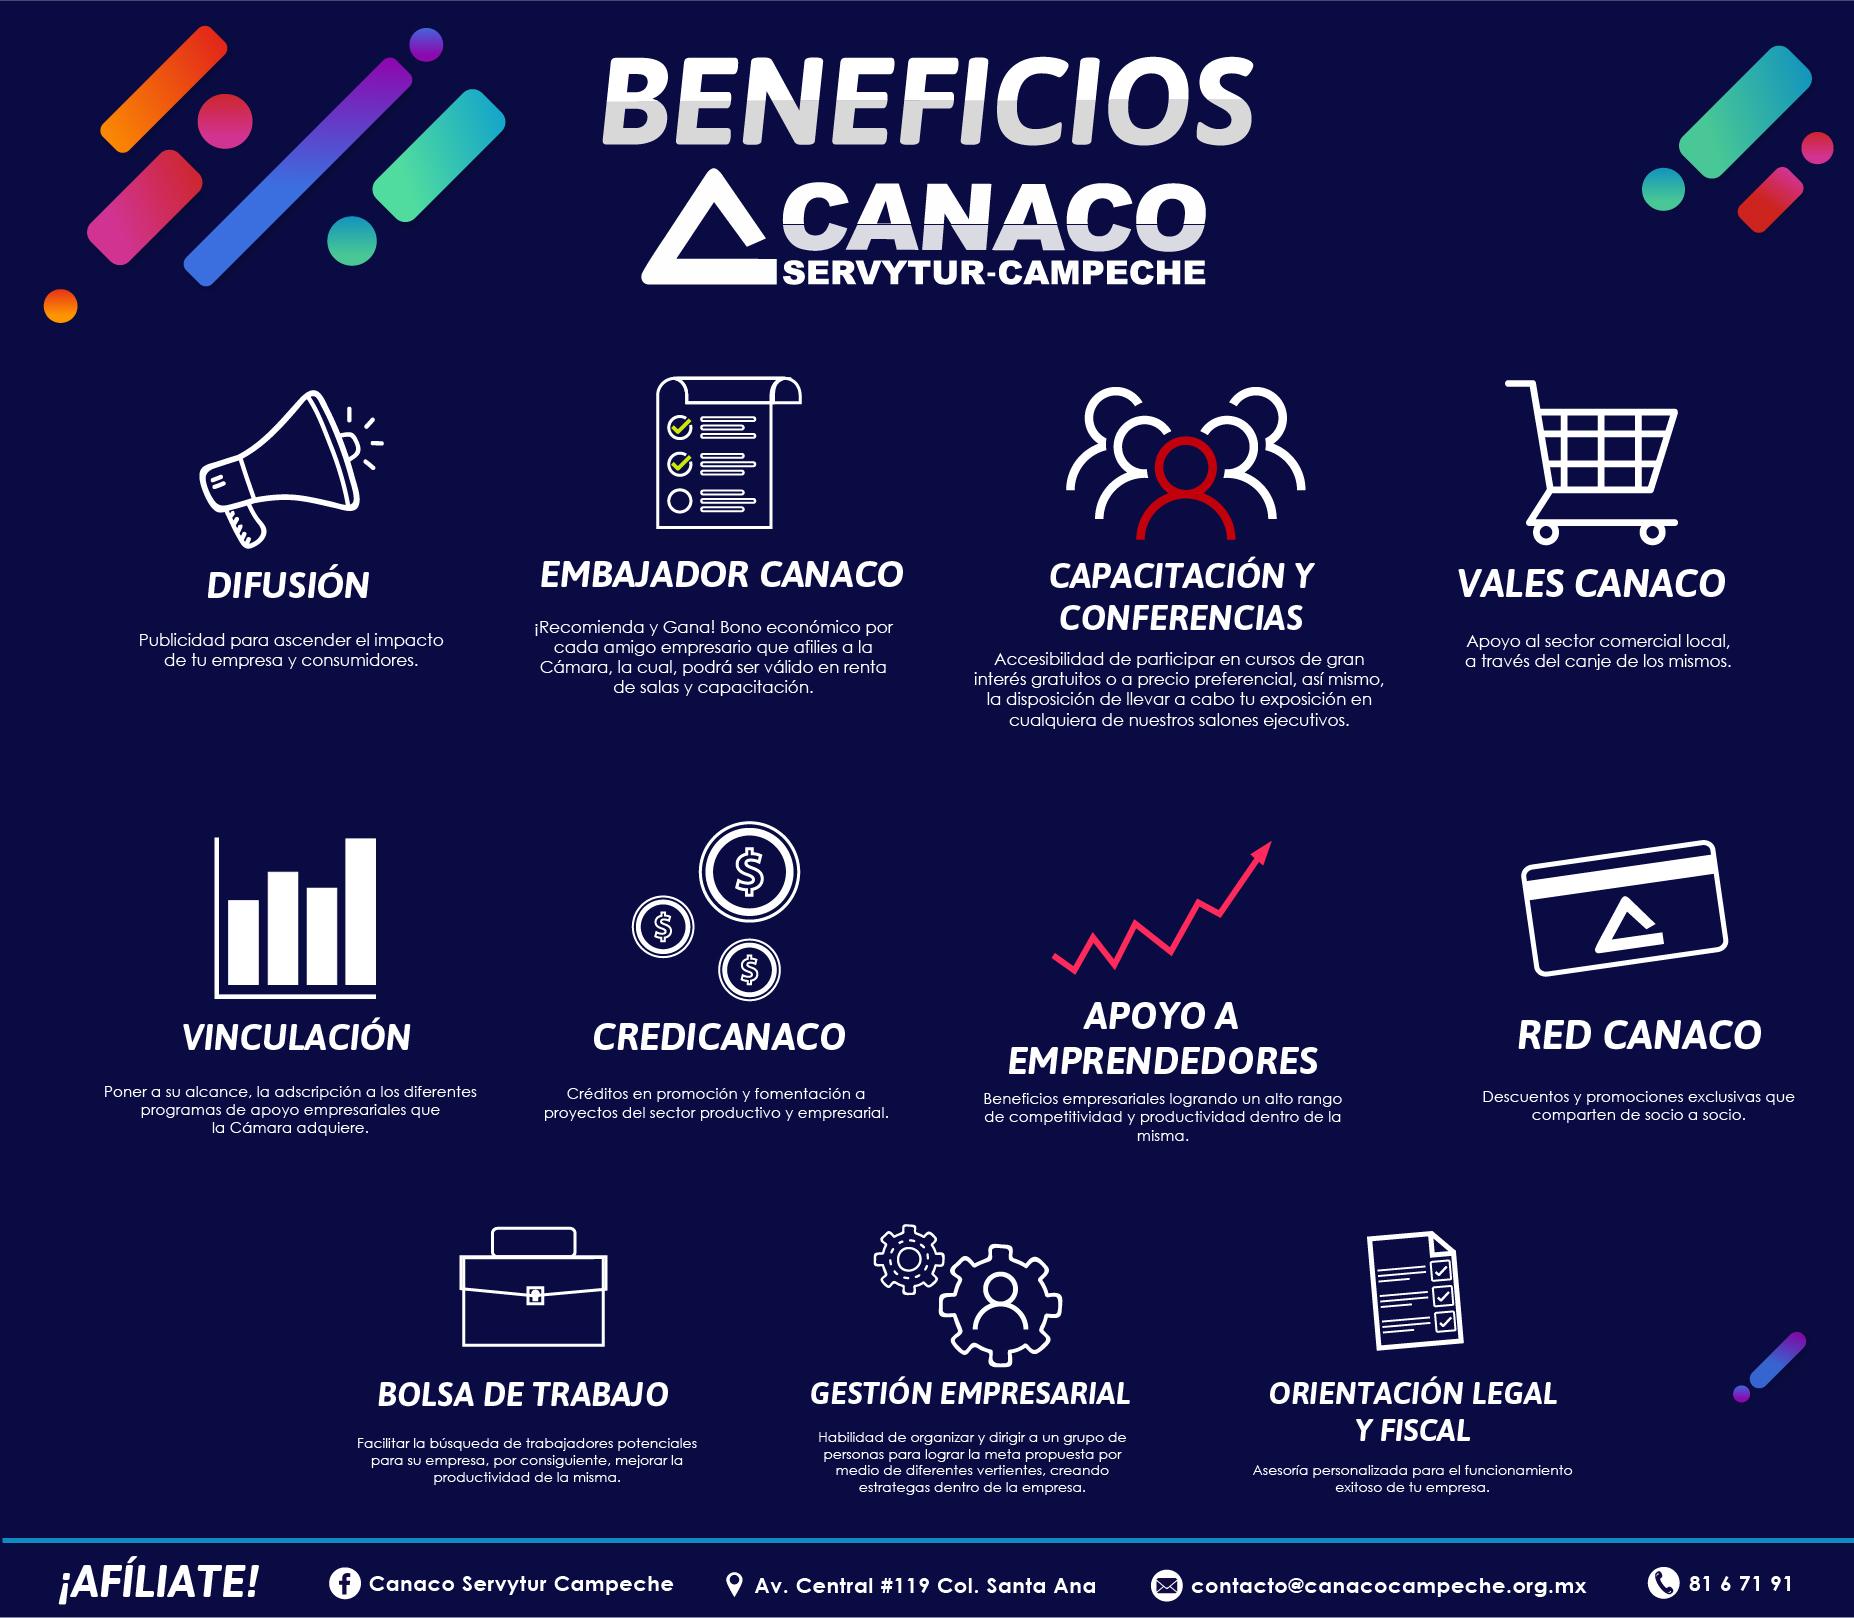 BeneficiosCANACO